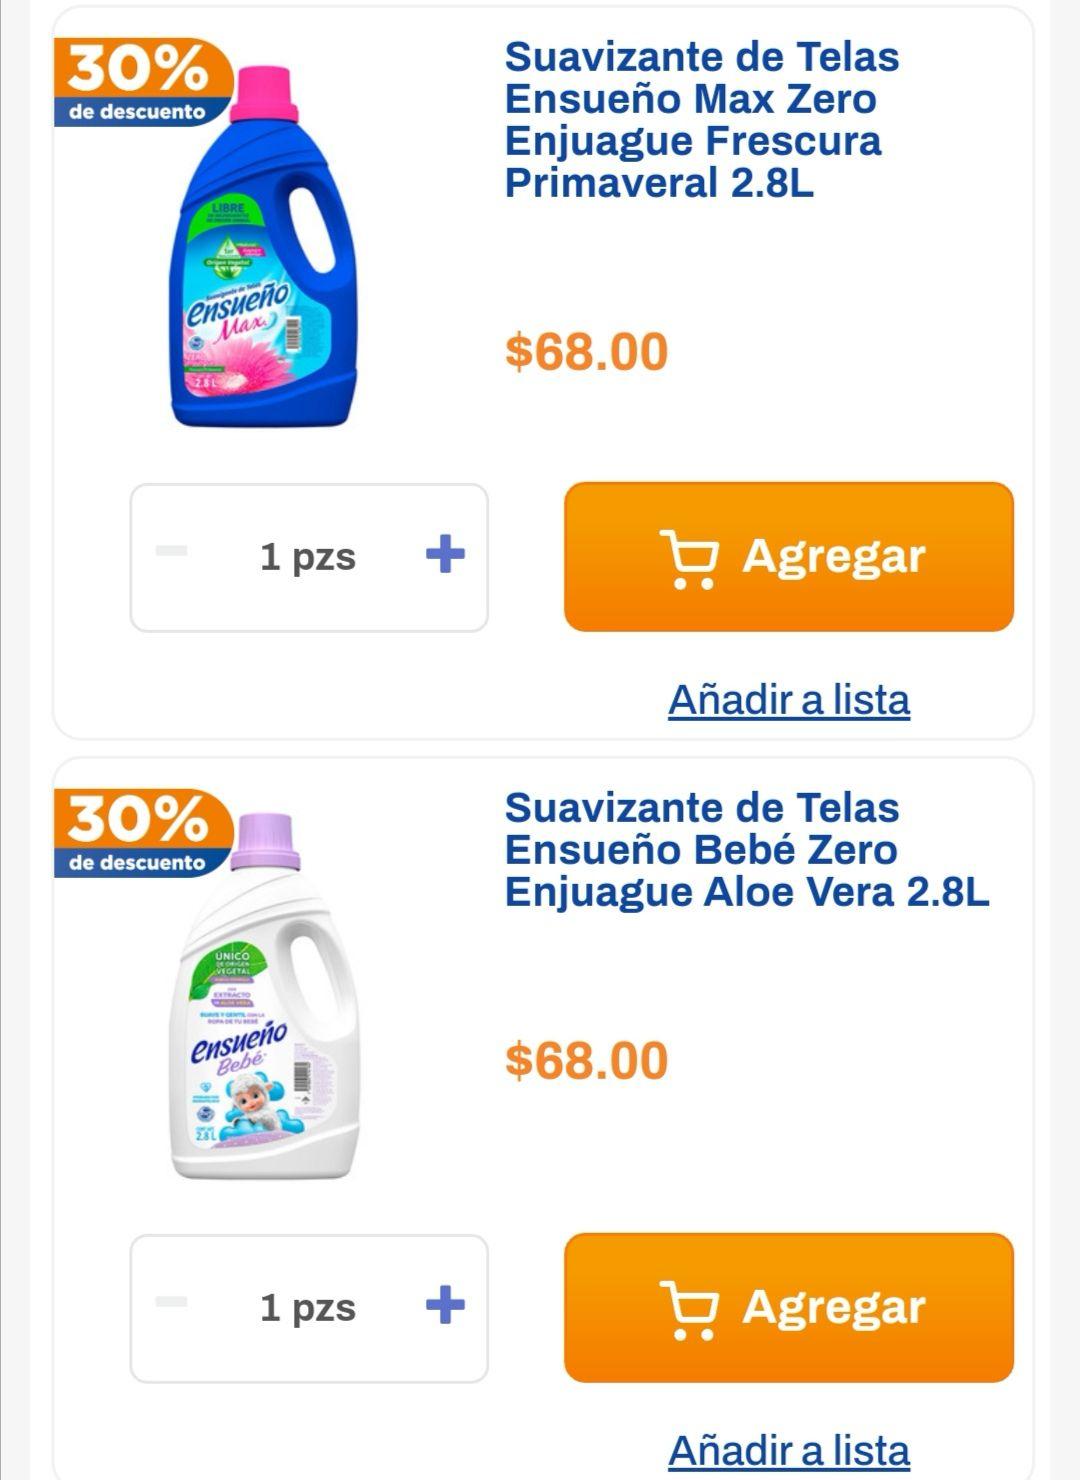 Chedraui: 30% de descuento en suavizantes Ensueño Zero 2.8 L